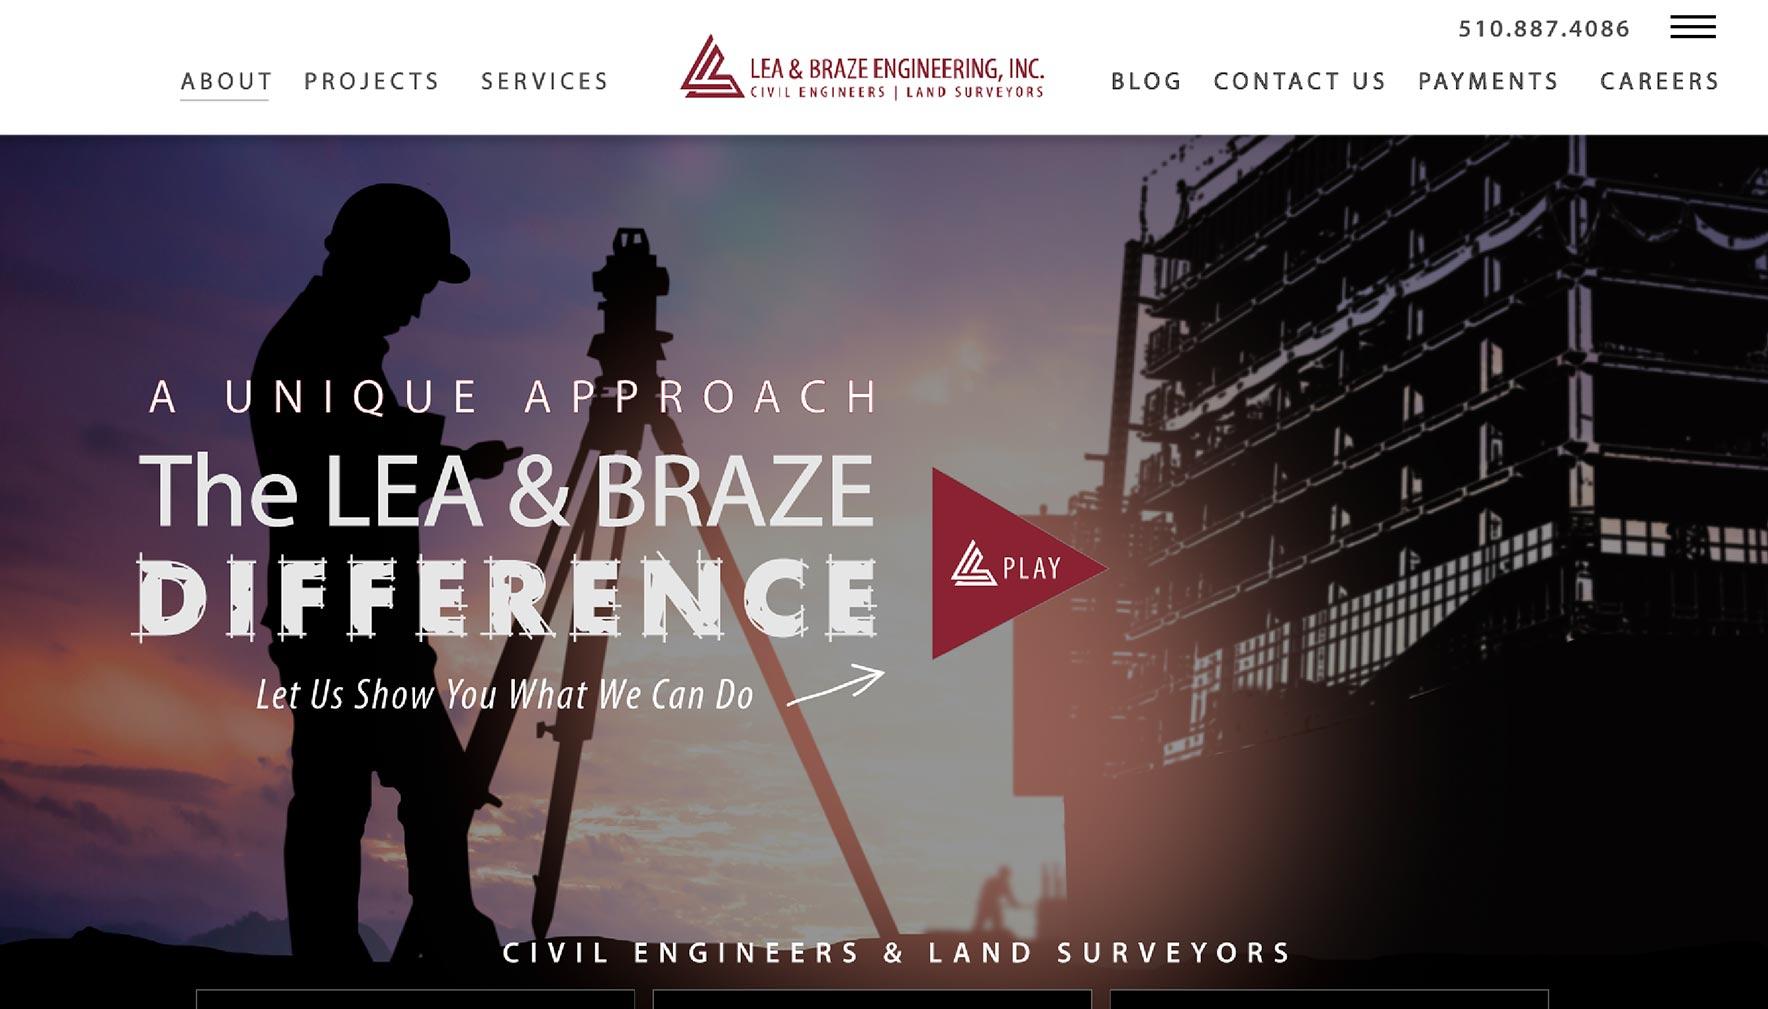 2020 homepage